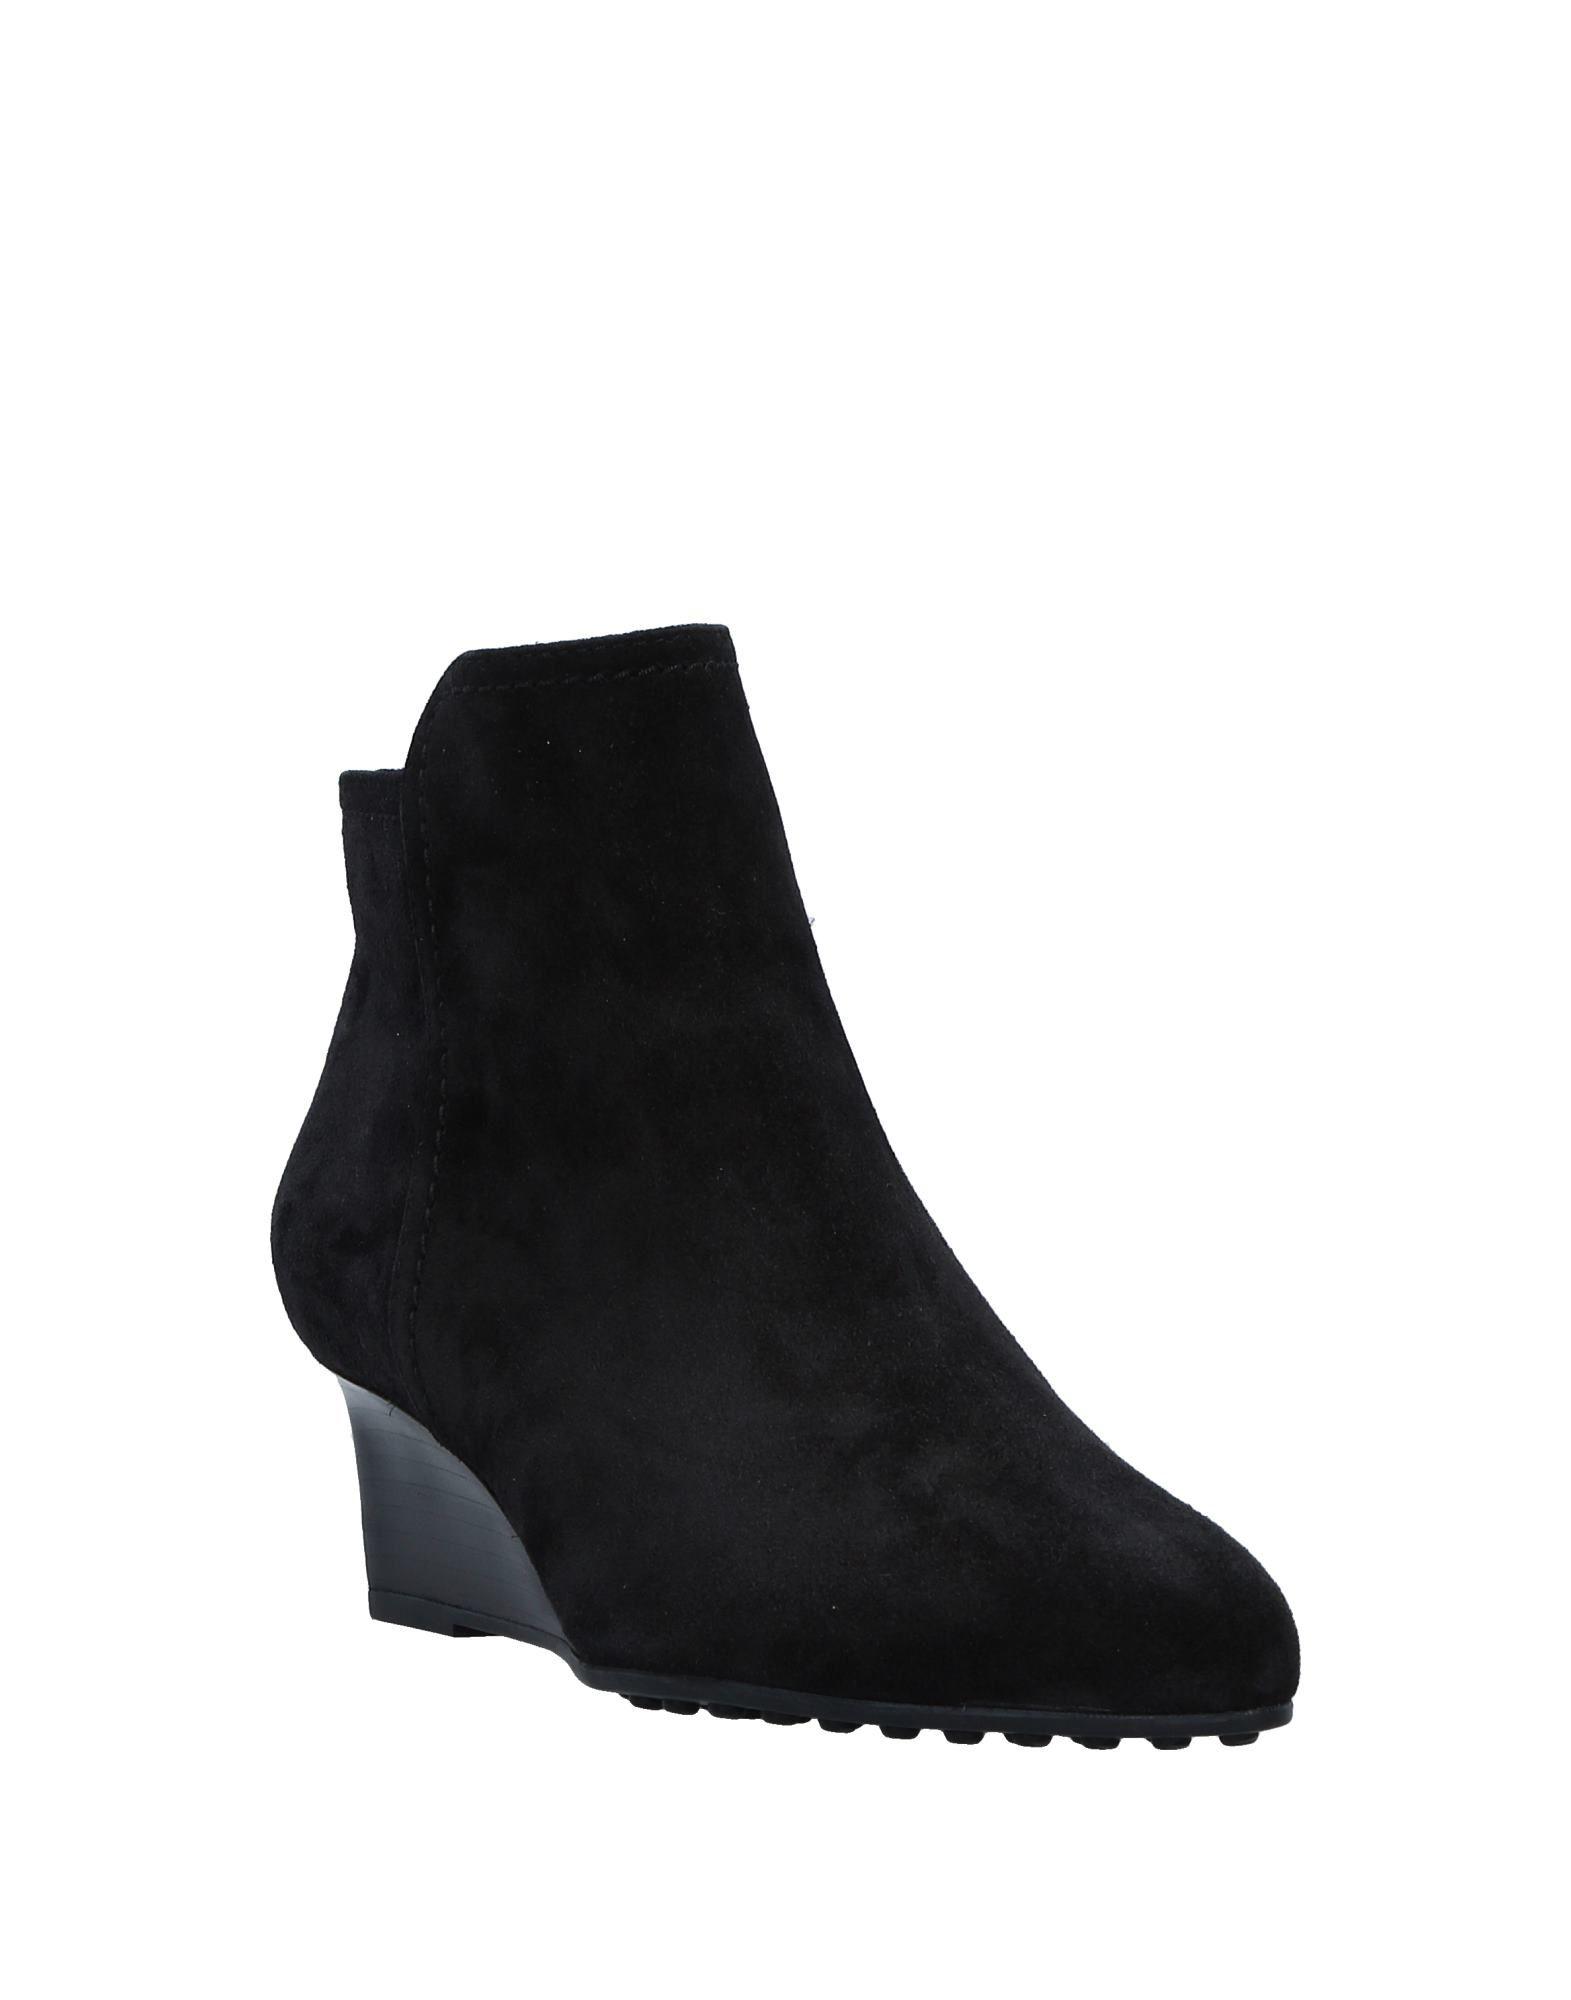 Tod's Sneakers Damen  11542366NKGünstige Schuhe gut aussehende Schuhe 11542366NKGünstige 174a79